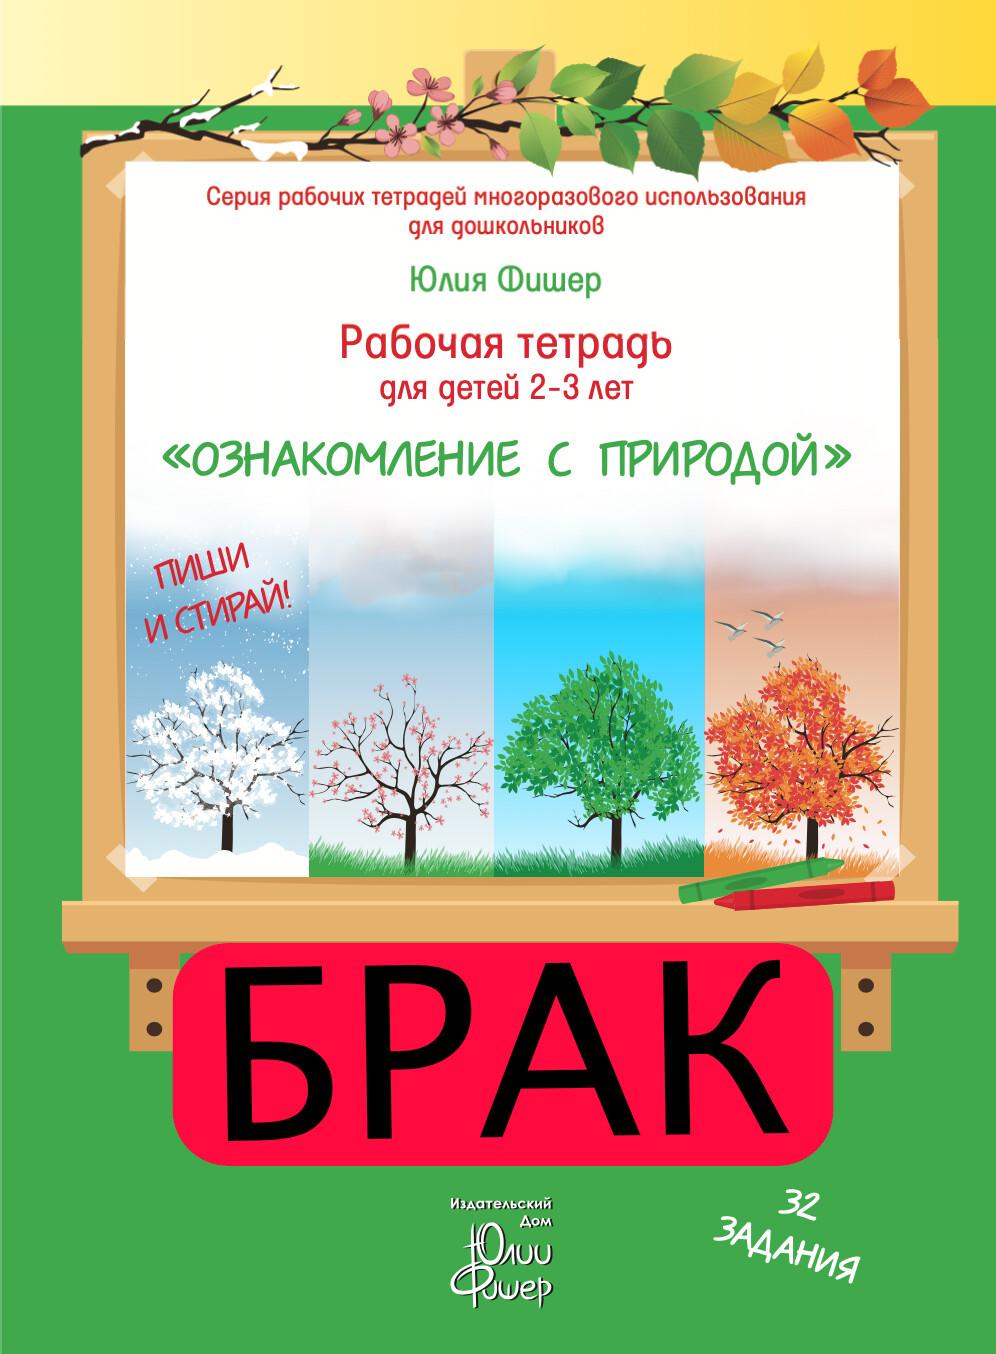 БРАК. Рабочая тетрадь для детей 2-3 лет «Ознакомление с природой». Маркер в комплекте (зелёный)